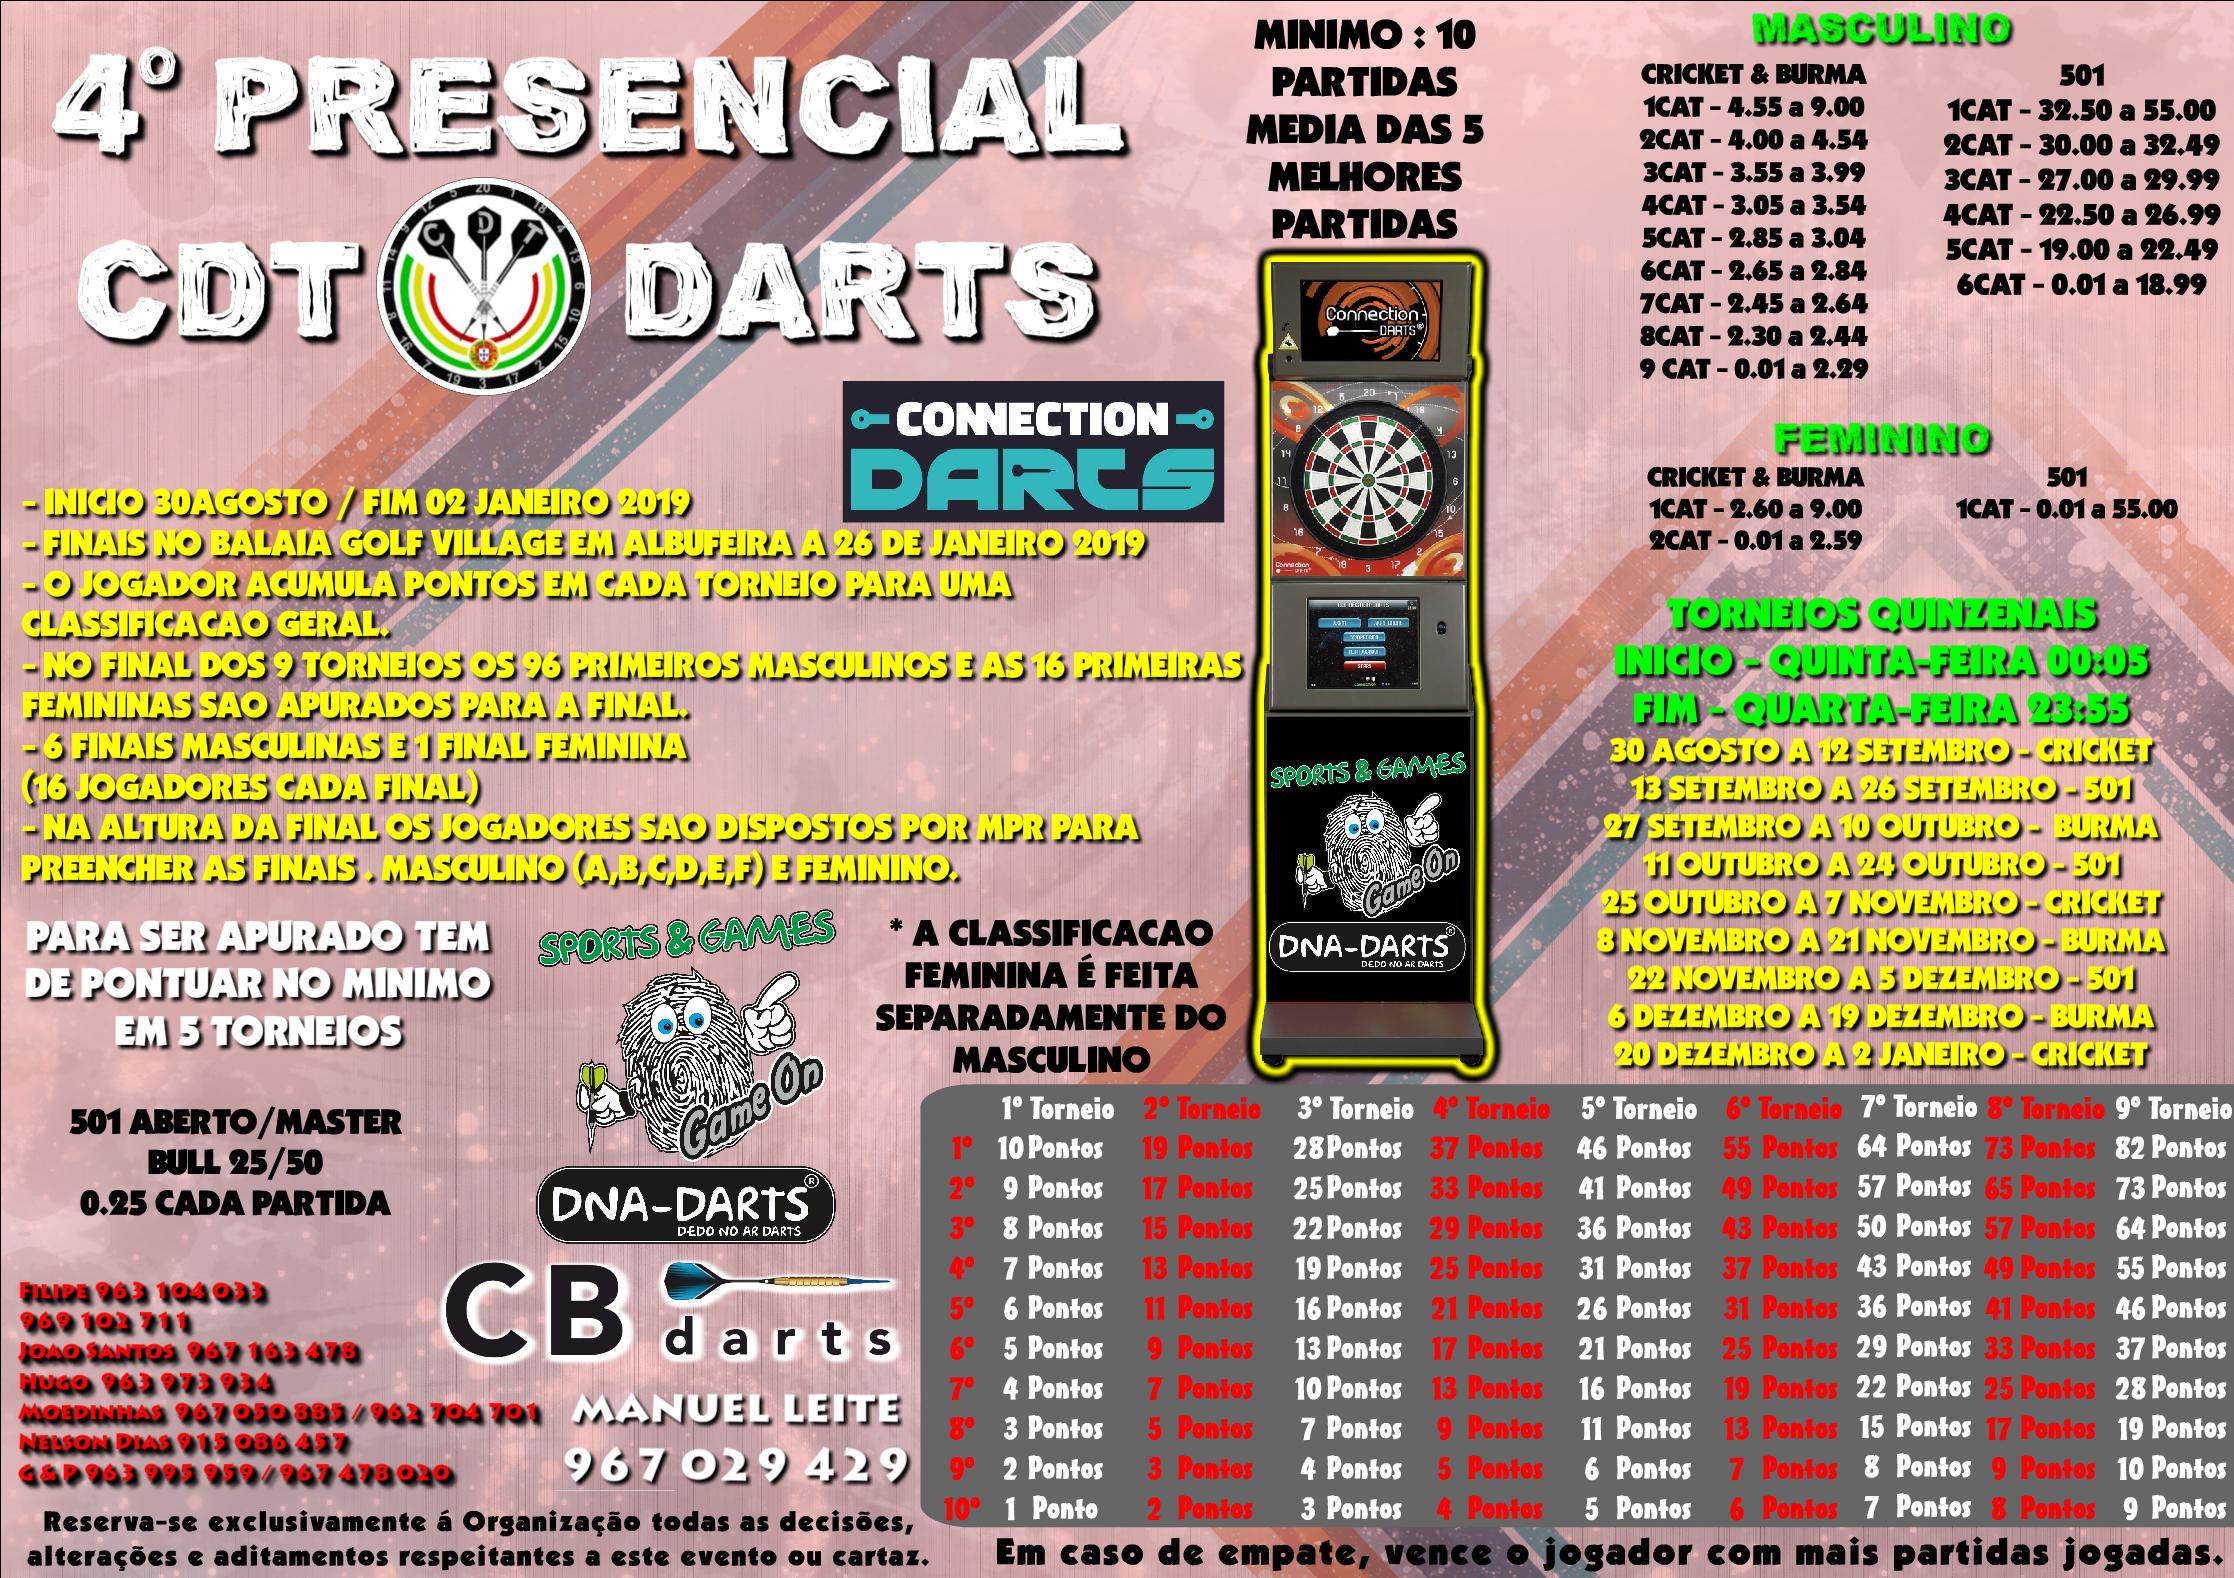 4º Presencial CDT Darts